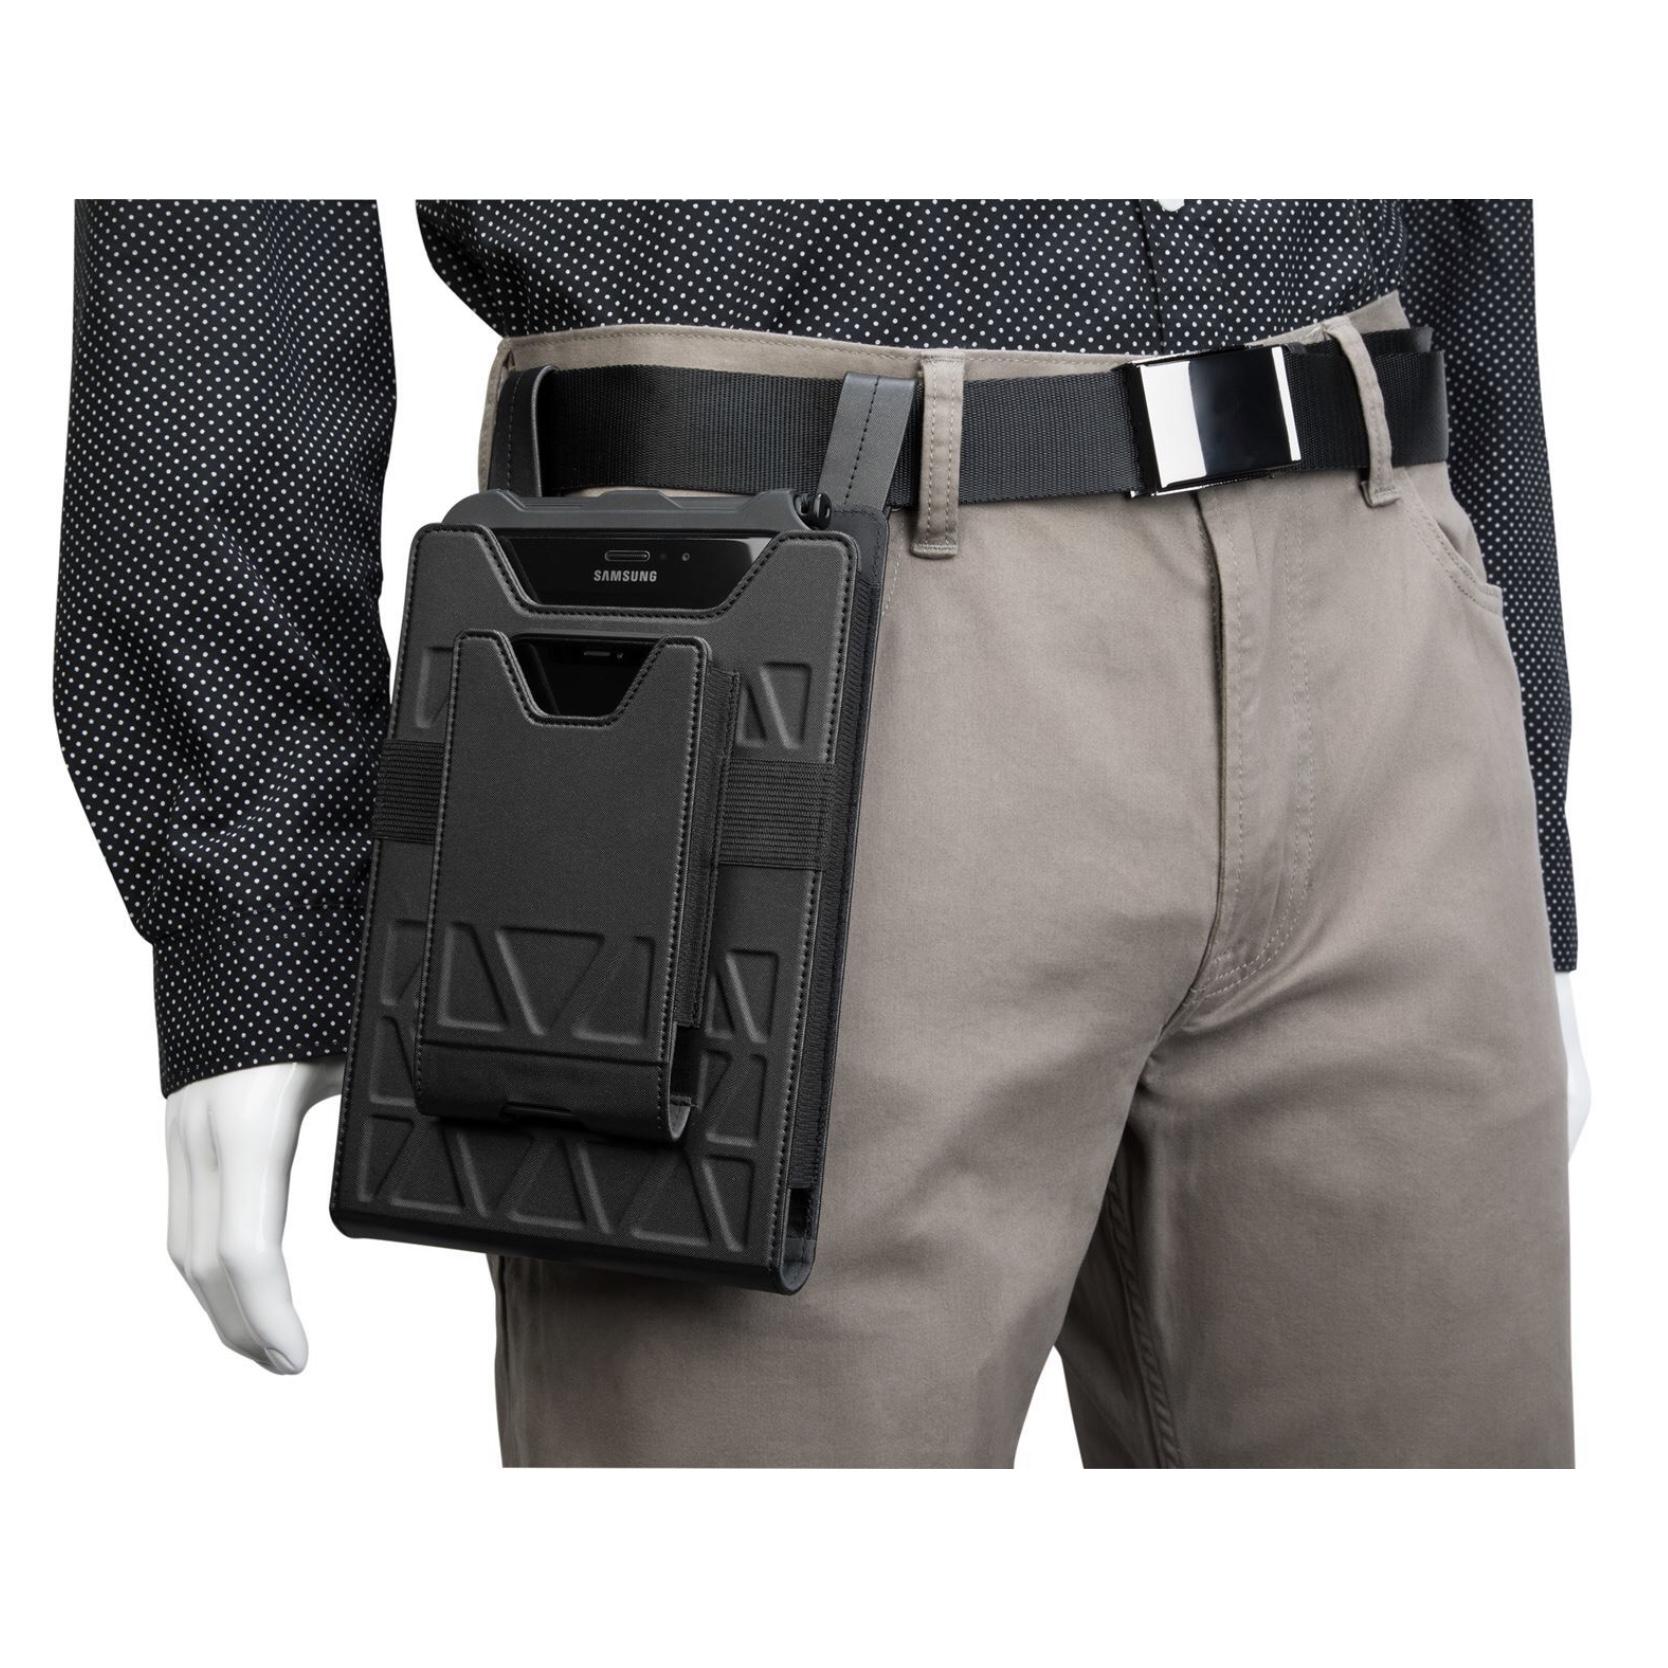 Support ceinture vertical Universel pour tablettes 7 a 8 pouces